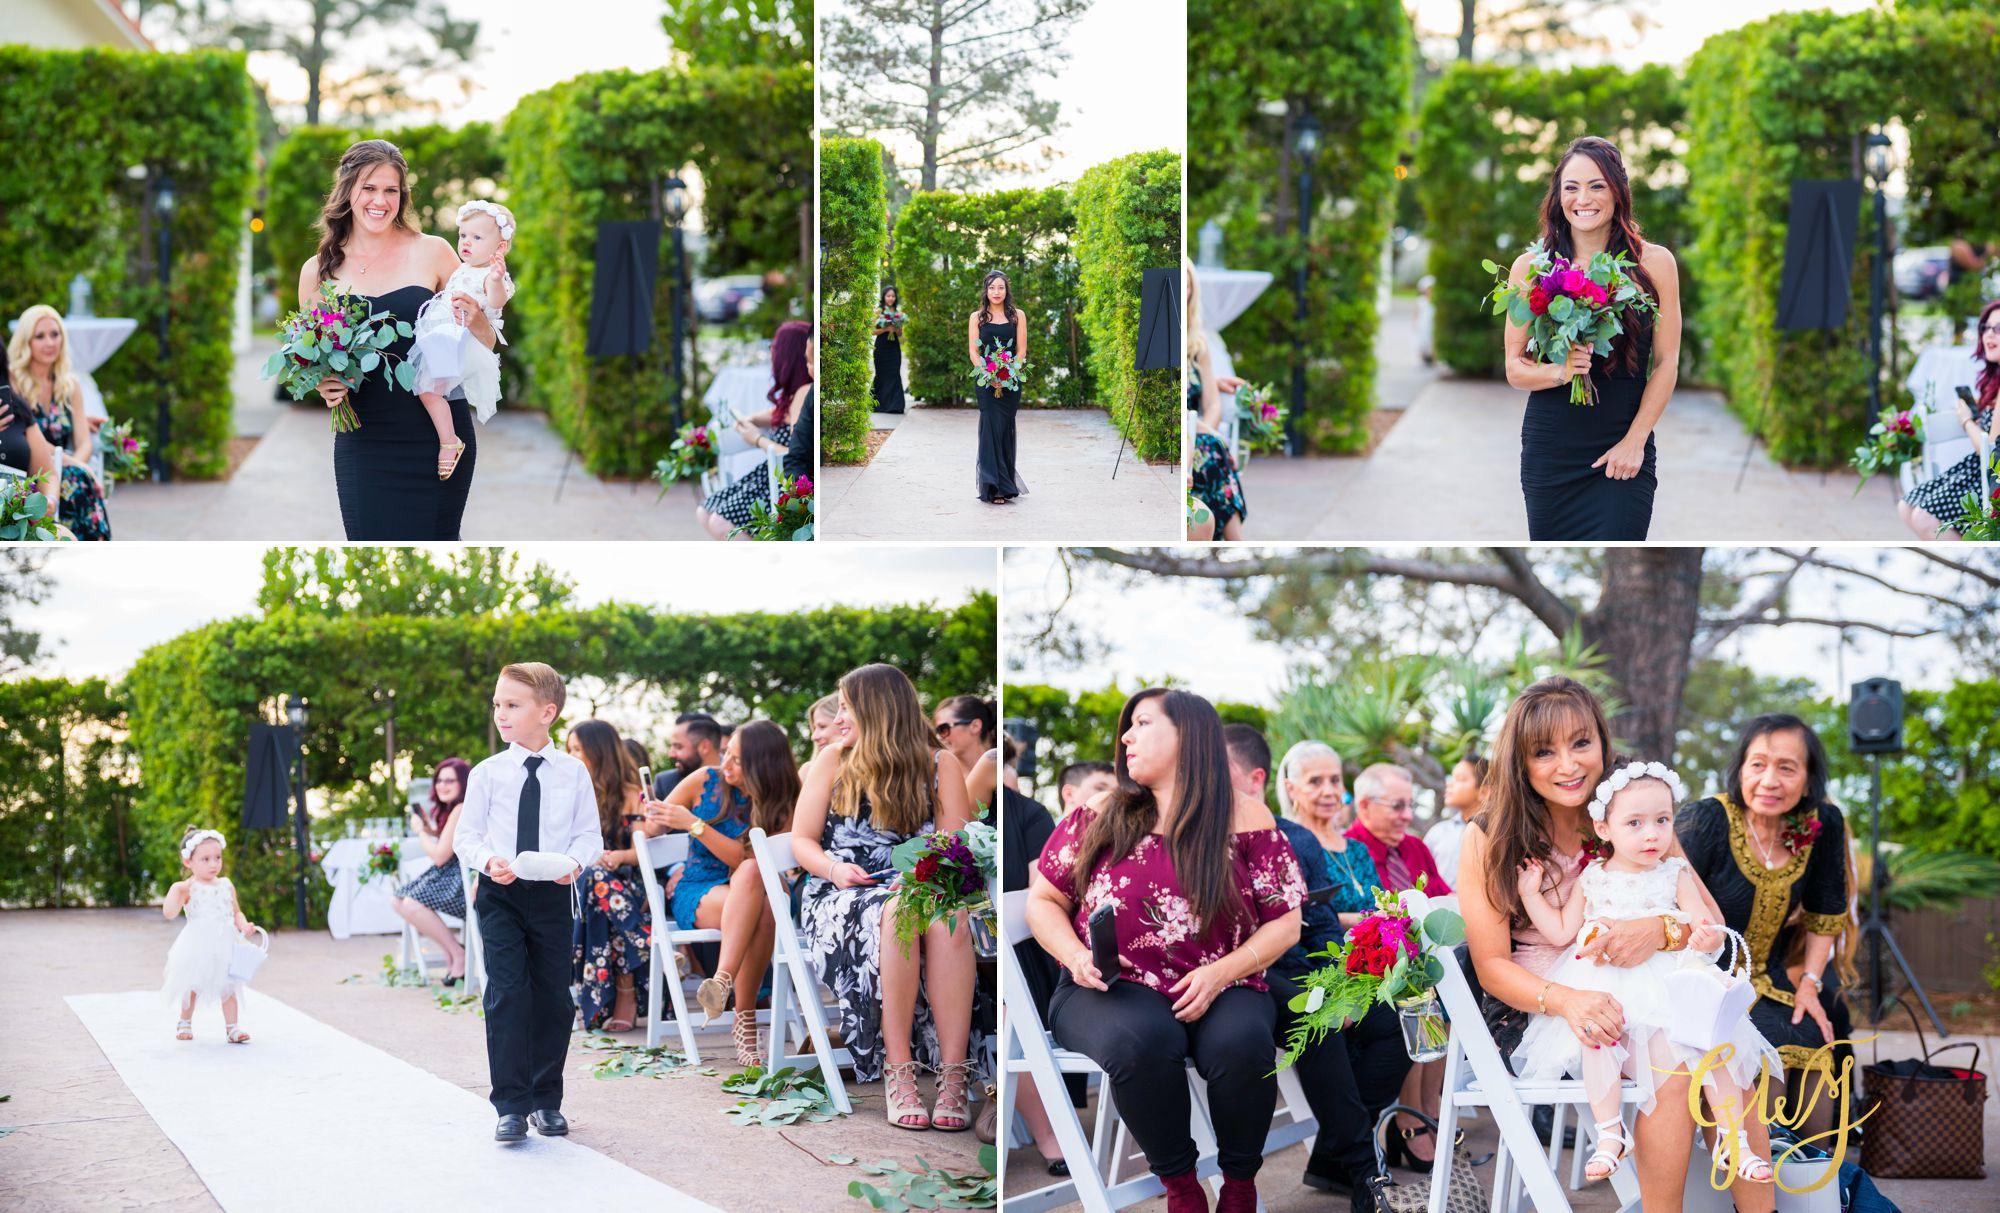 Alex + Jackie Elegant Tom Ham's Lighthouse San Diego Wedding by Glass Woods Media 21.jpg